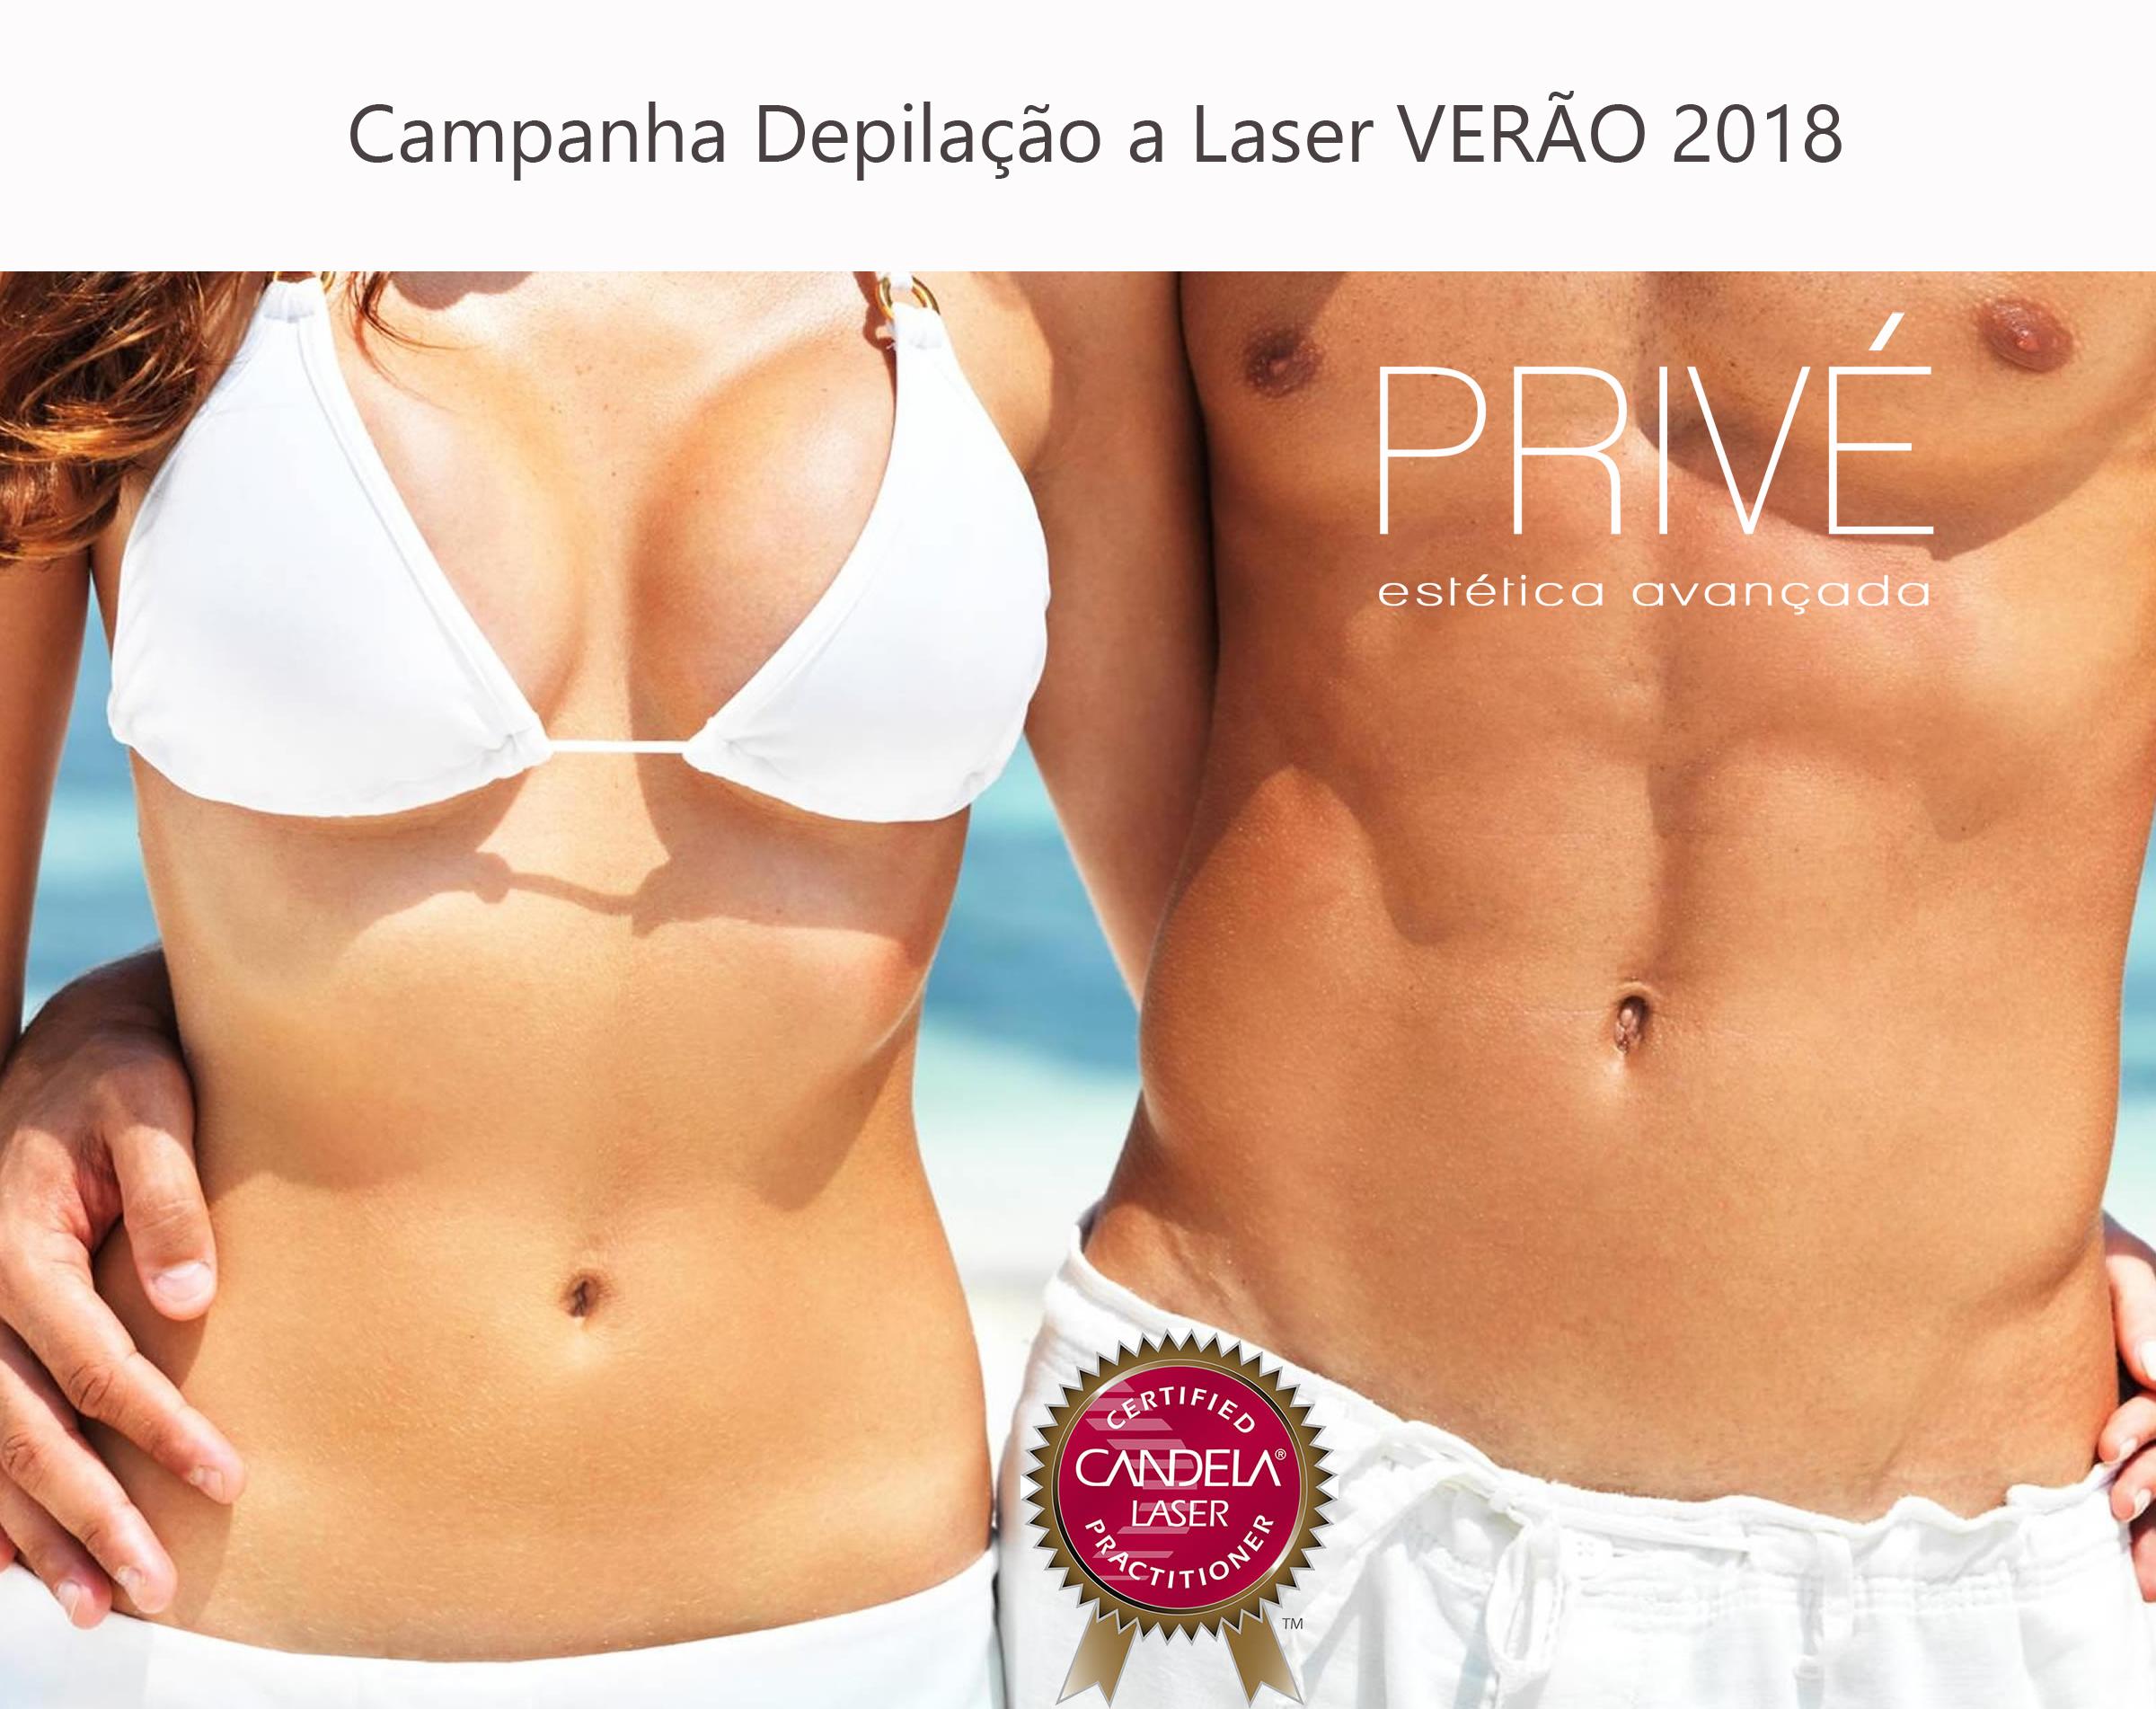 Campanha Depilação a Laser